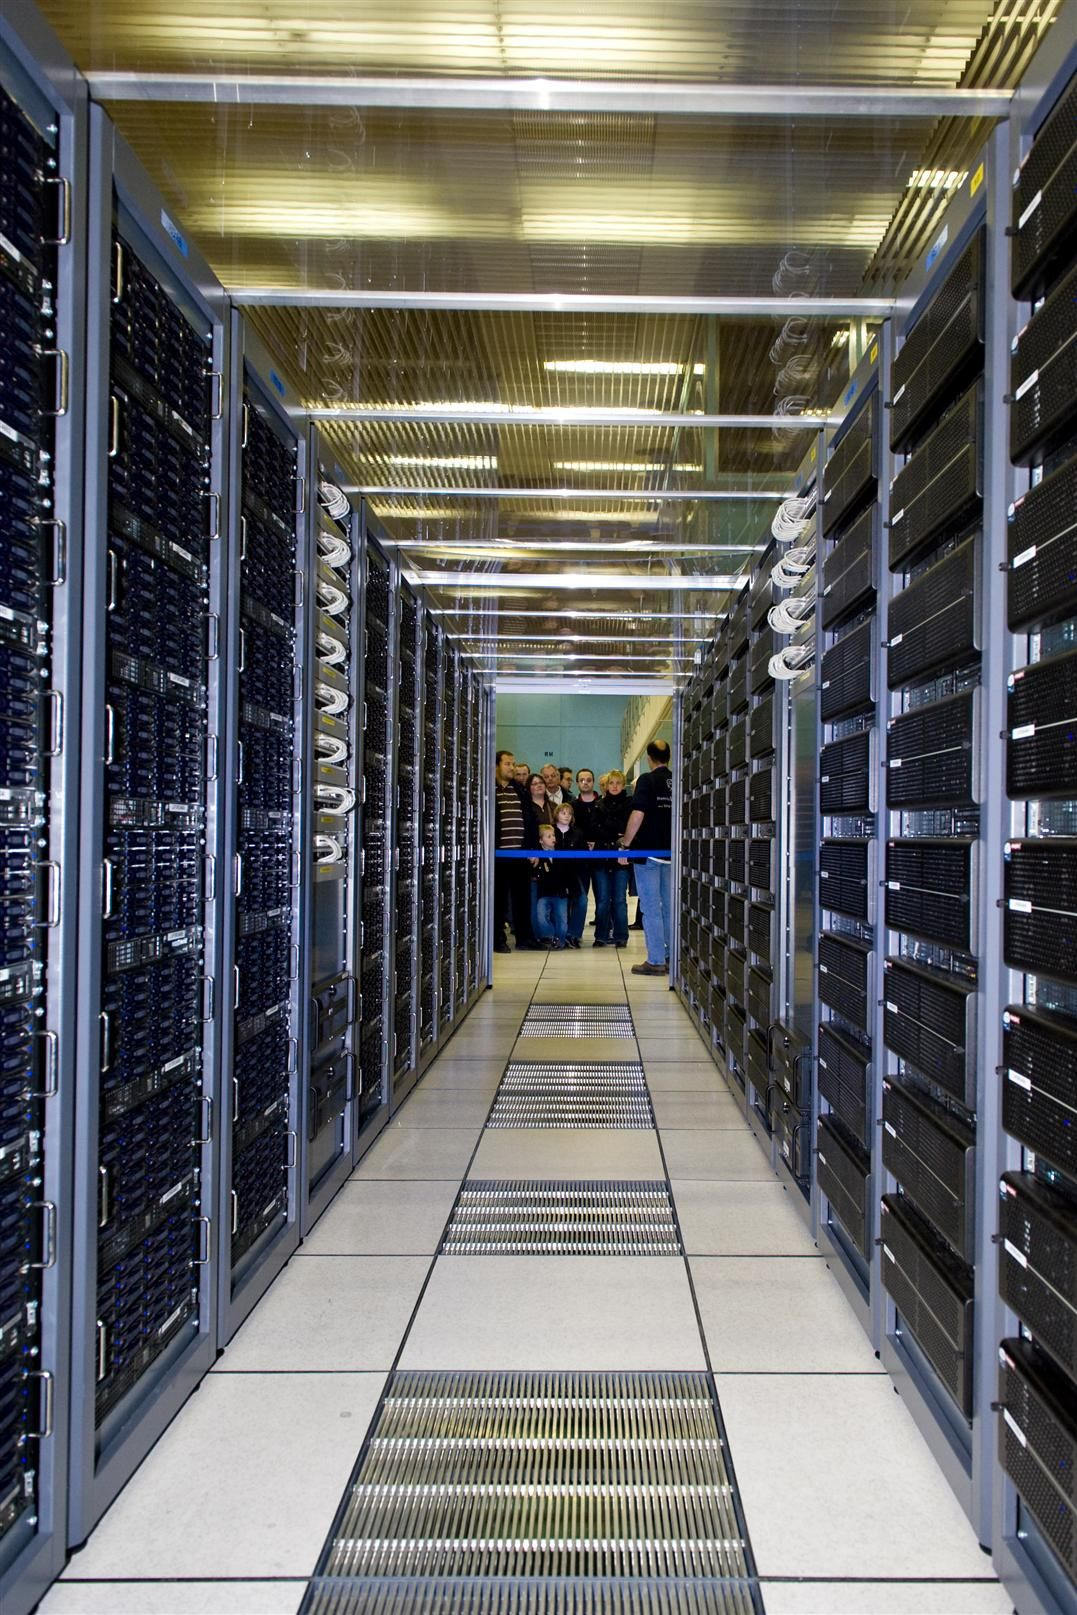 Cern trenger en rekke datasentre. Tier 0 er den største og viktigste. (Foto: Cern)